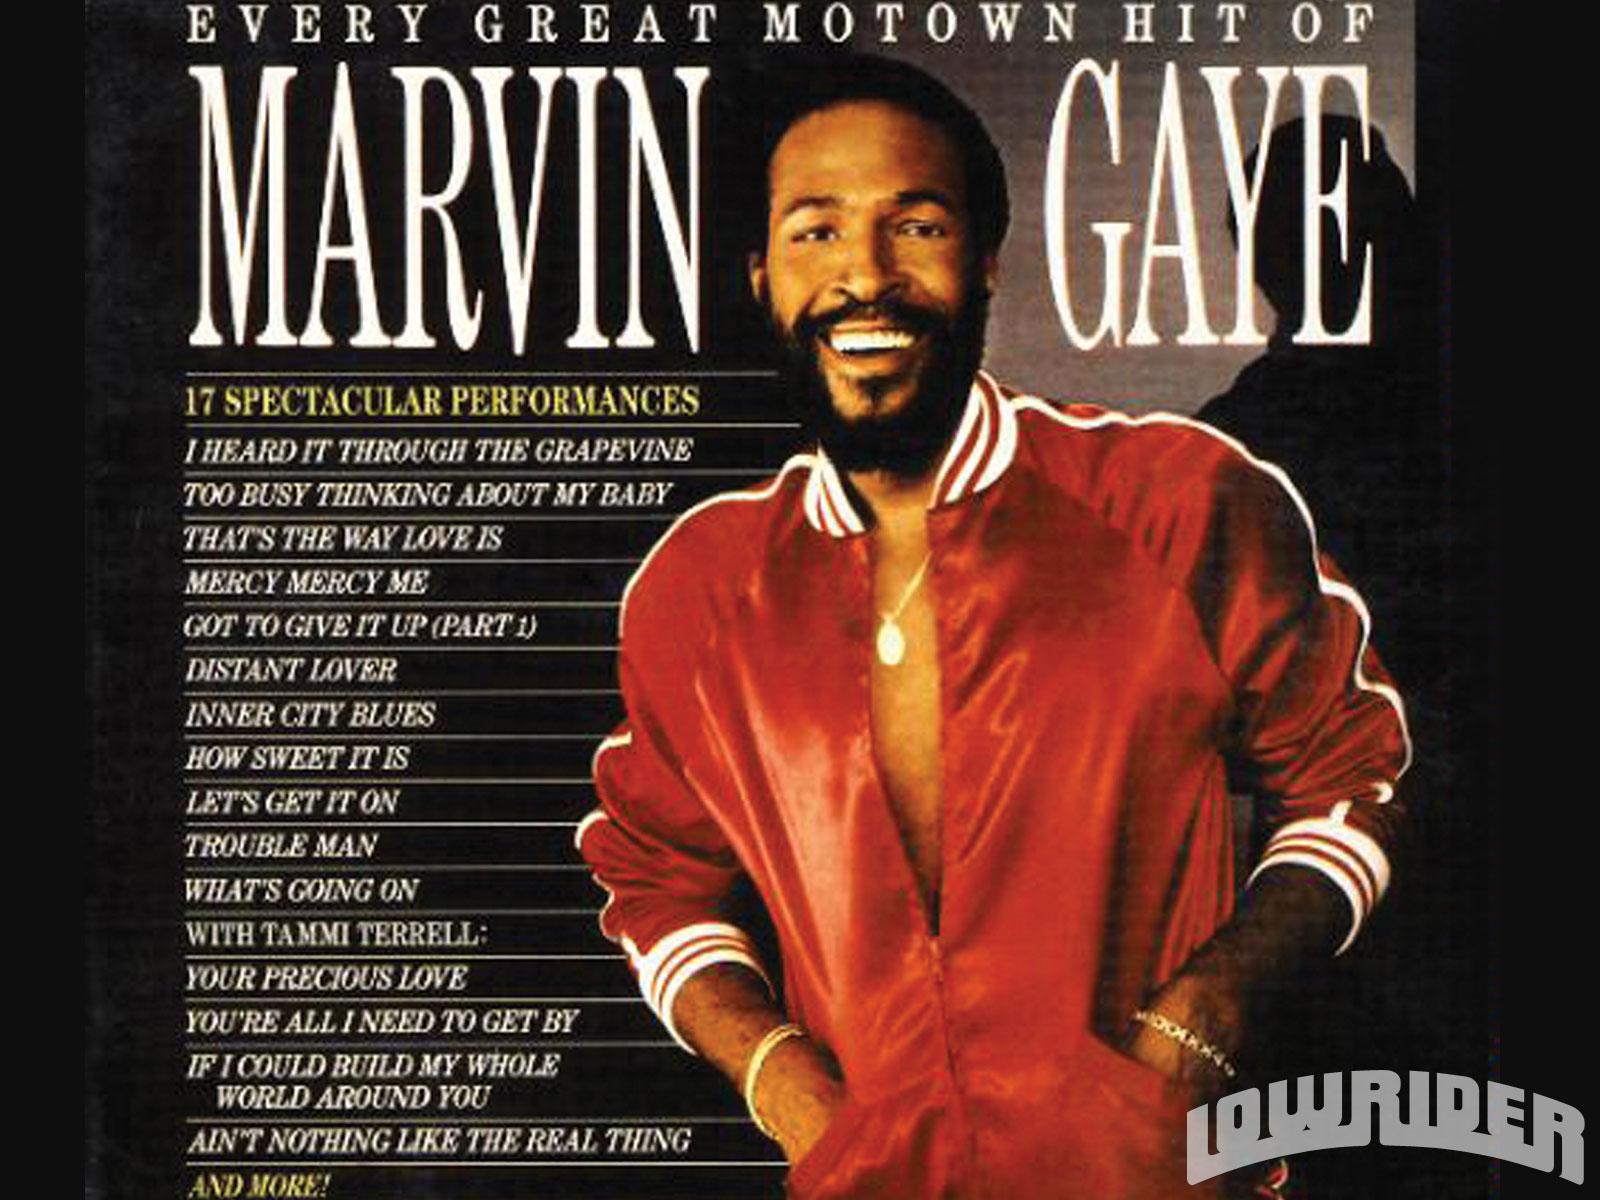 Marvin Gaye Motown Hit